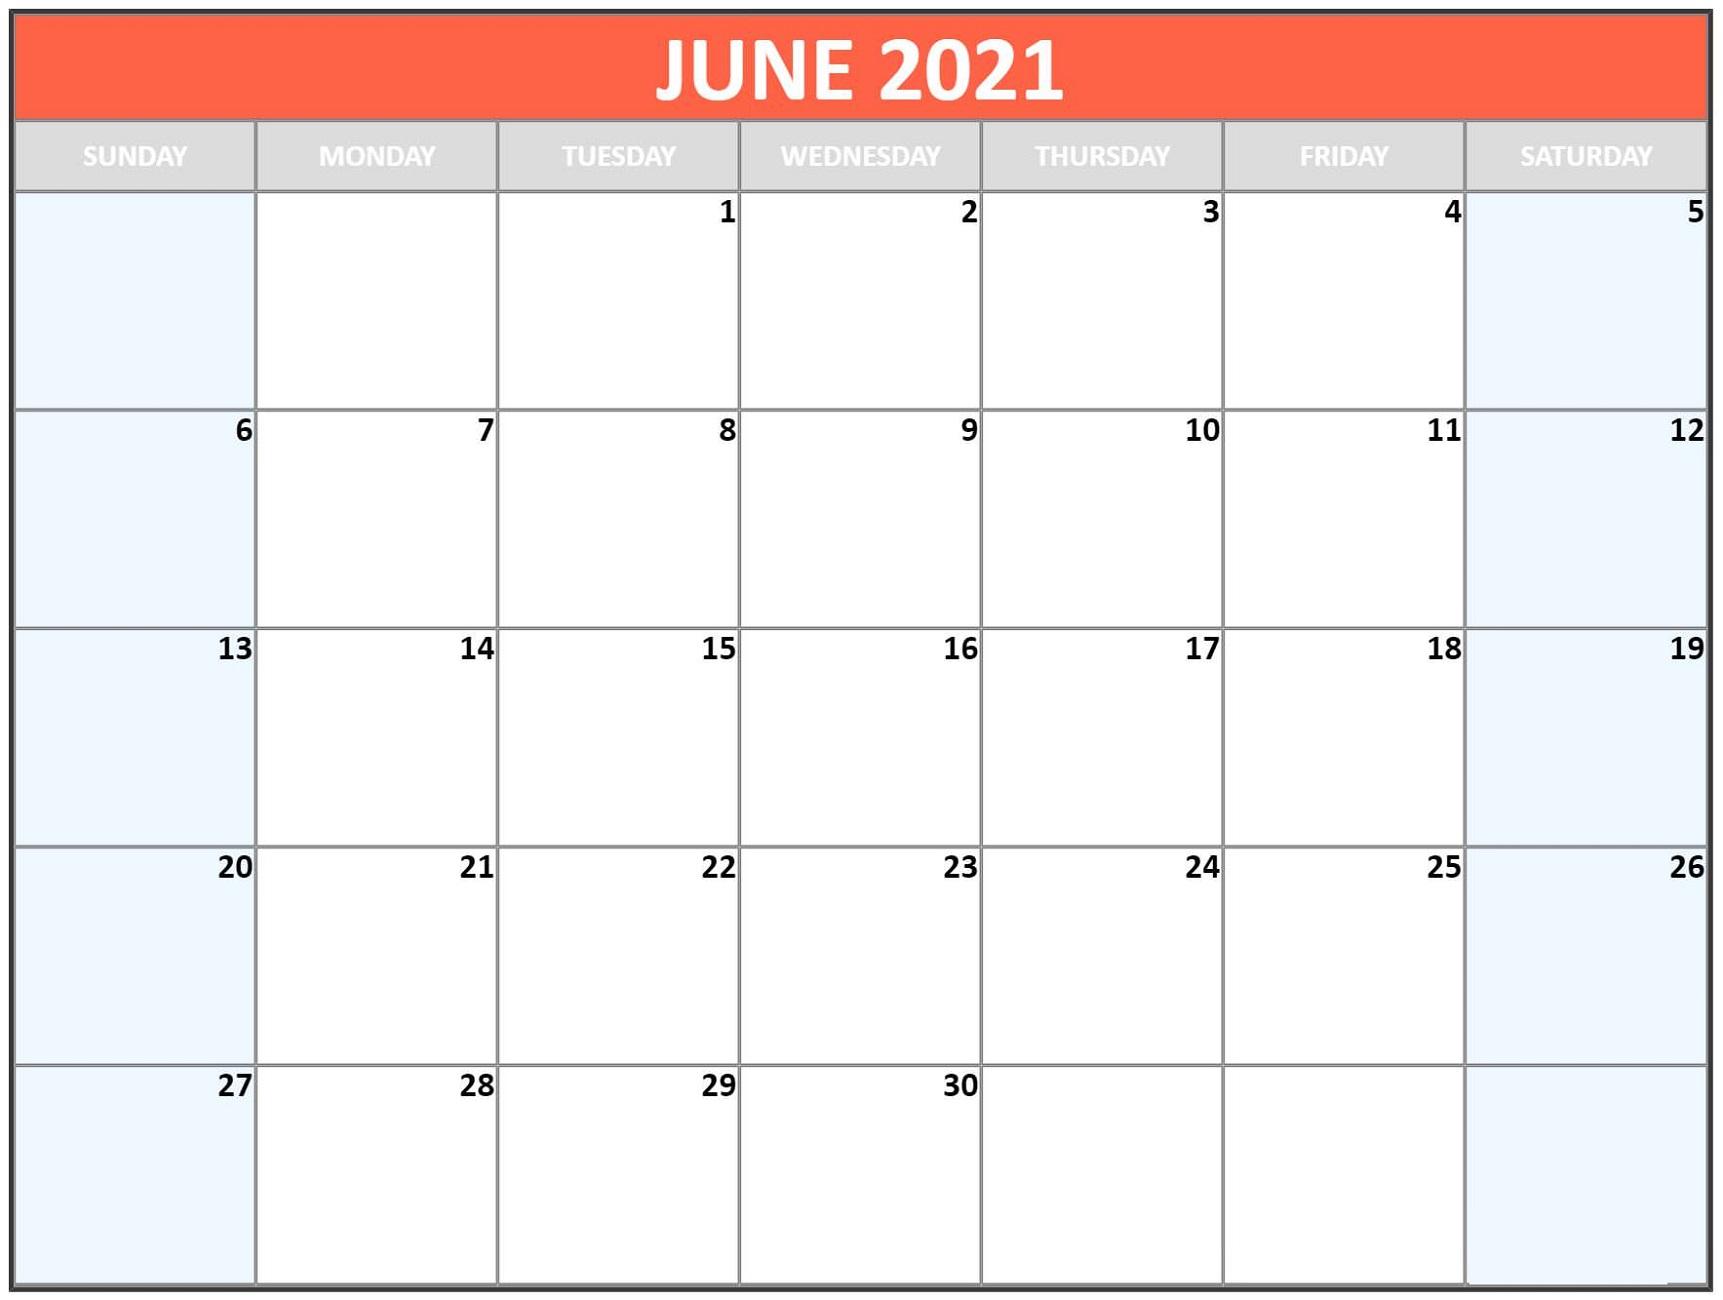 Blank Calendar Template Word 2021 Various Months | Calendar in Blank Calendar Template Word